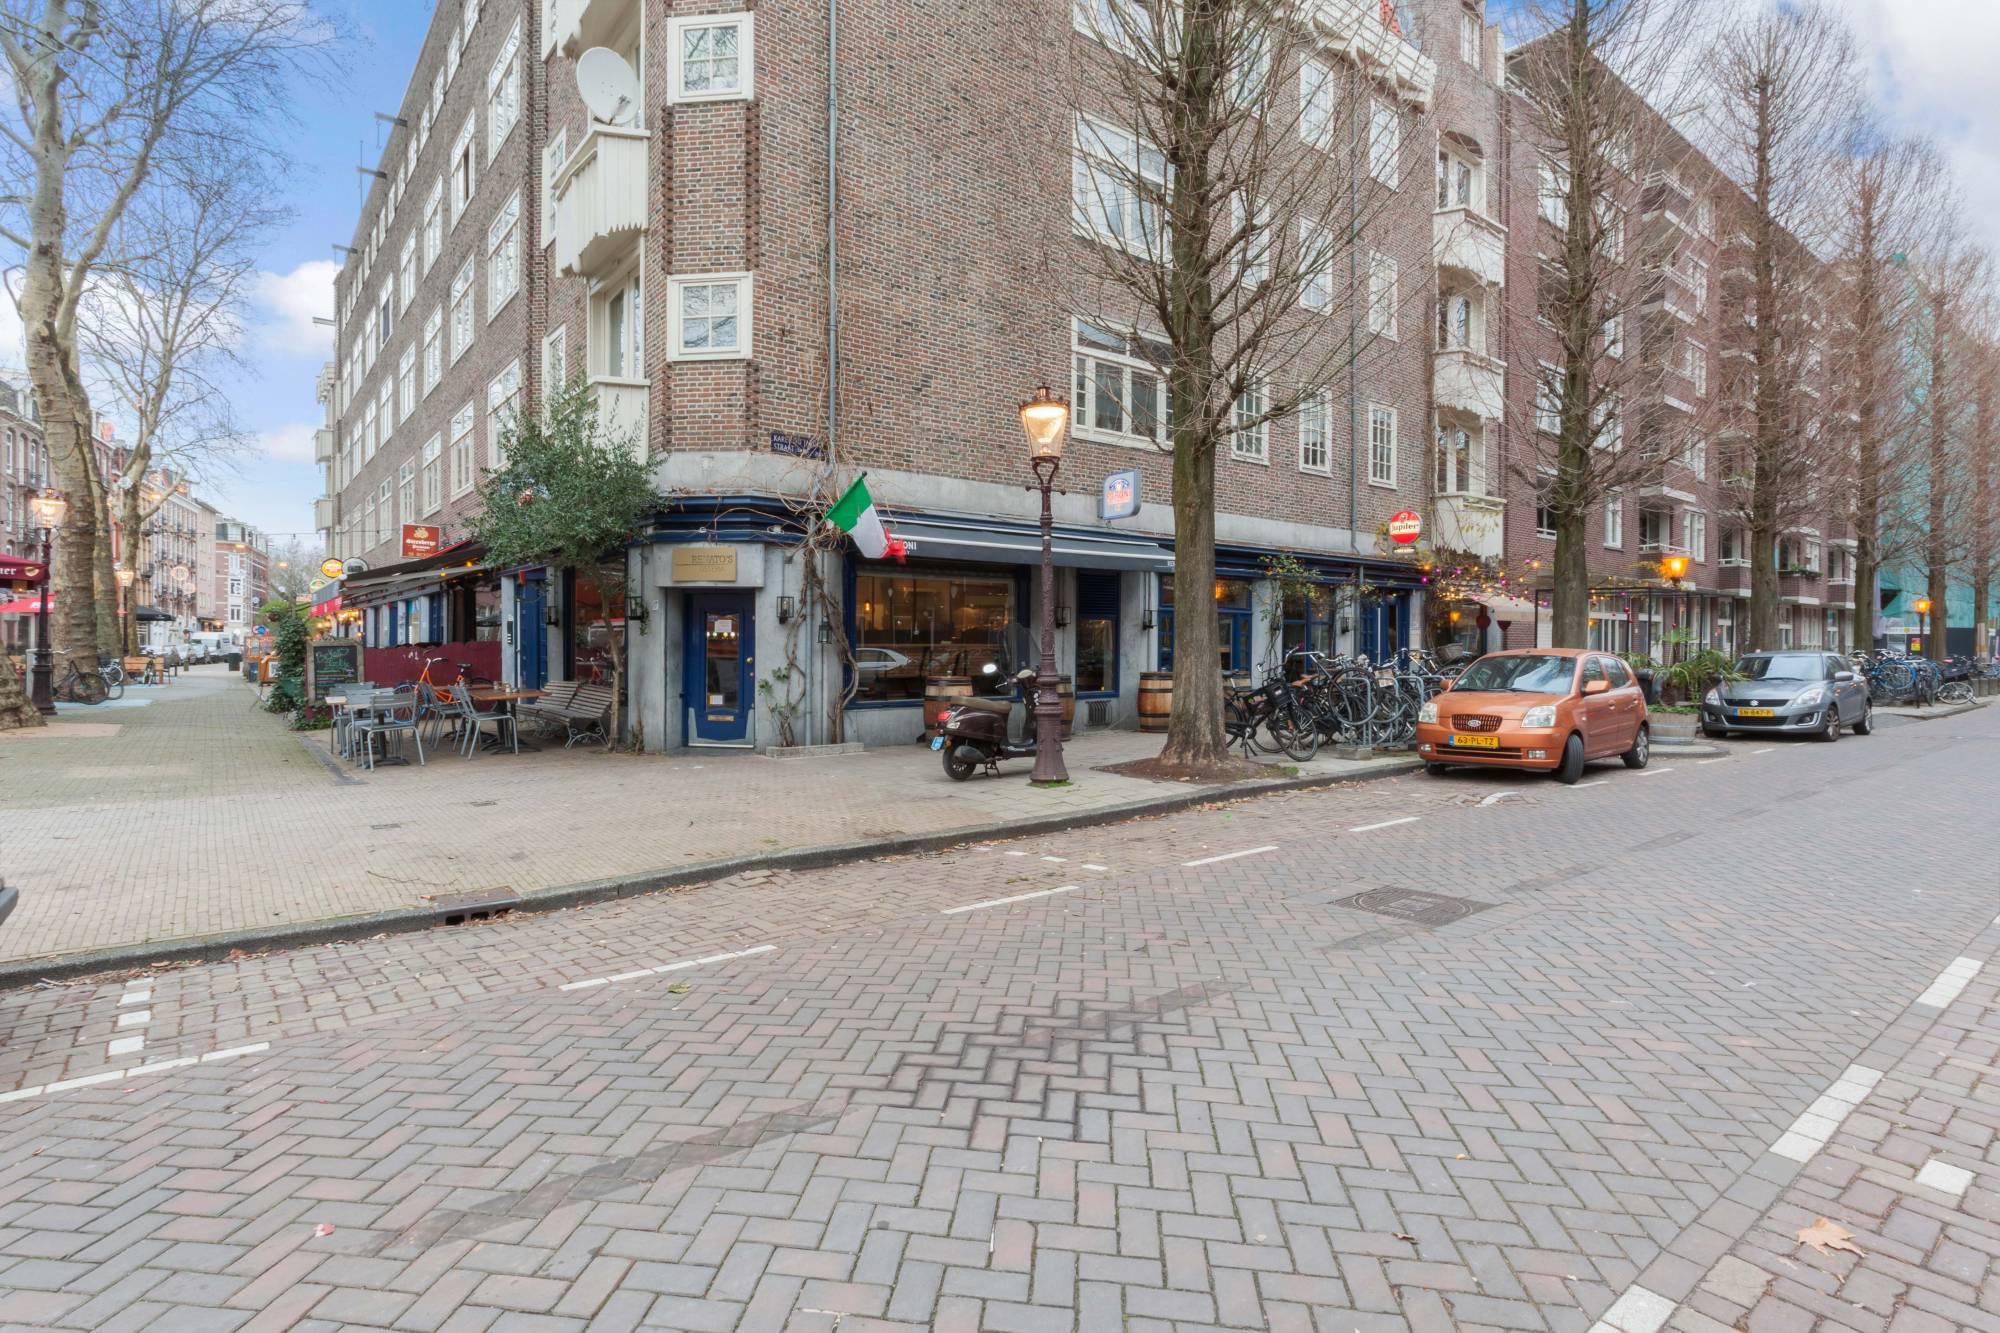 Karel du Jardinstraat